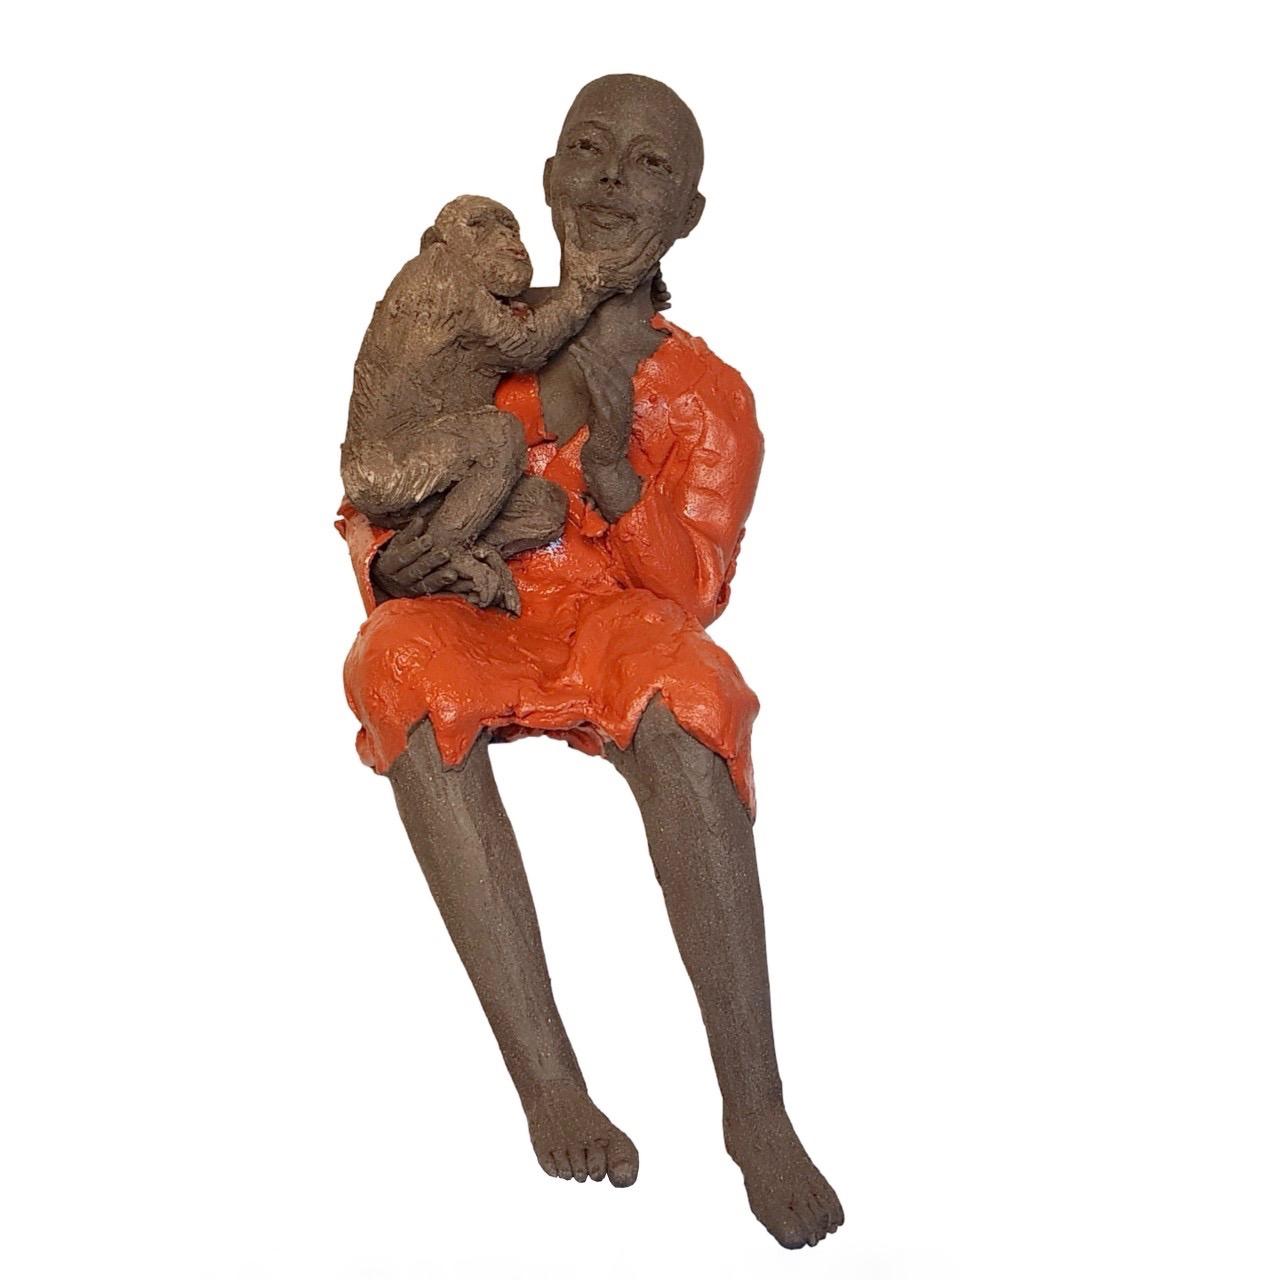 Buddhist Monk bronze sculpture by Corinne Chauvet